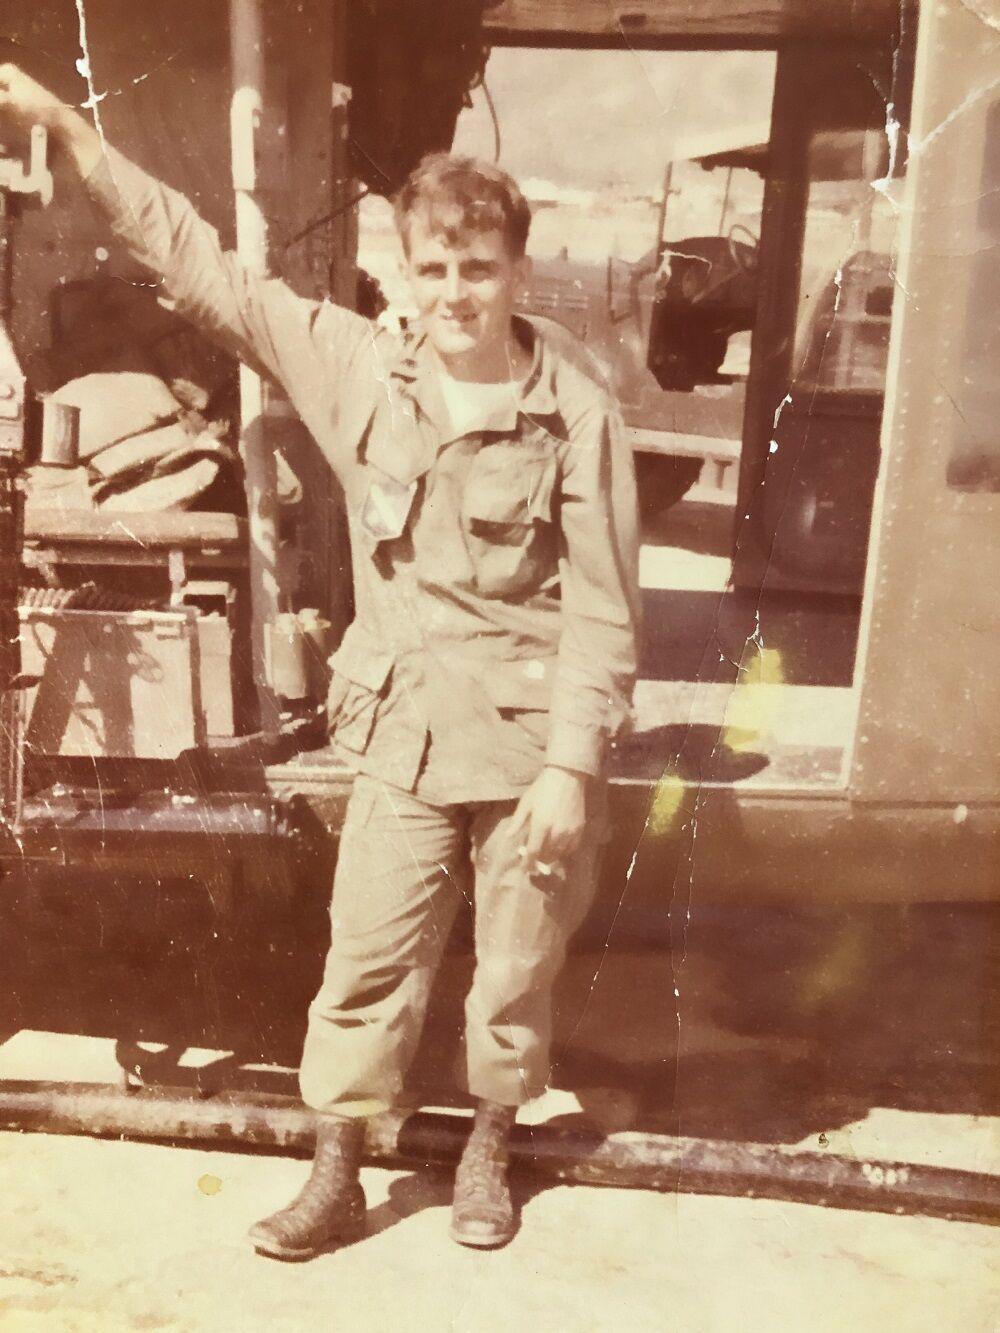 Vietnam veteran 1 young Soldier.jpg